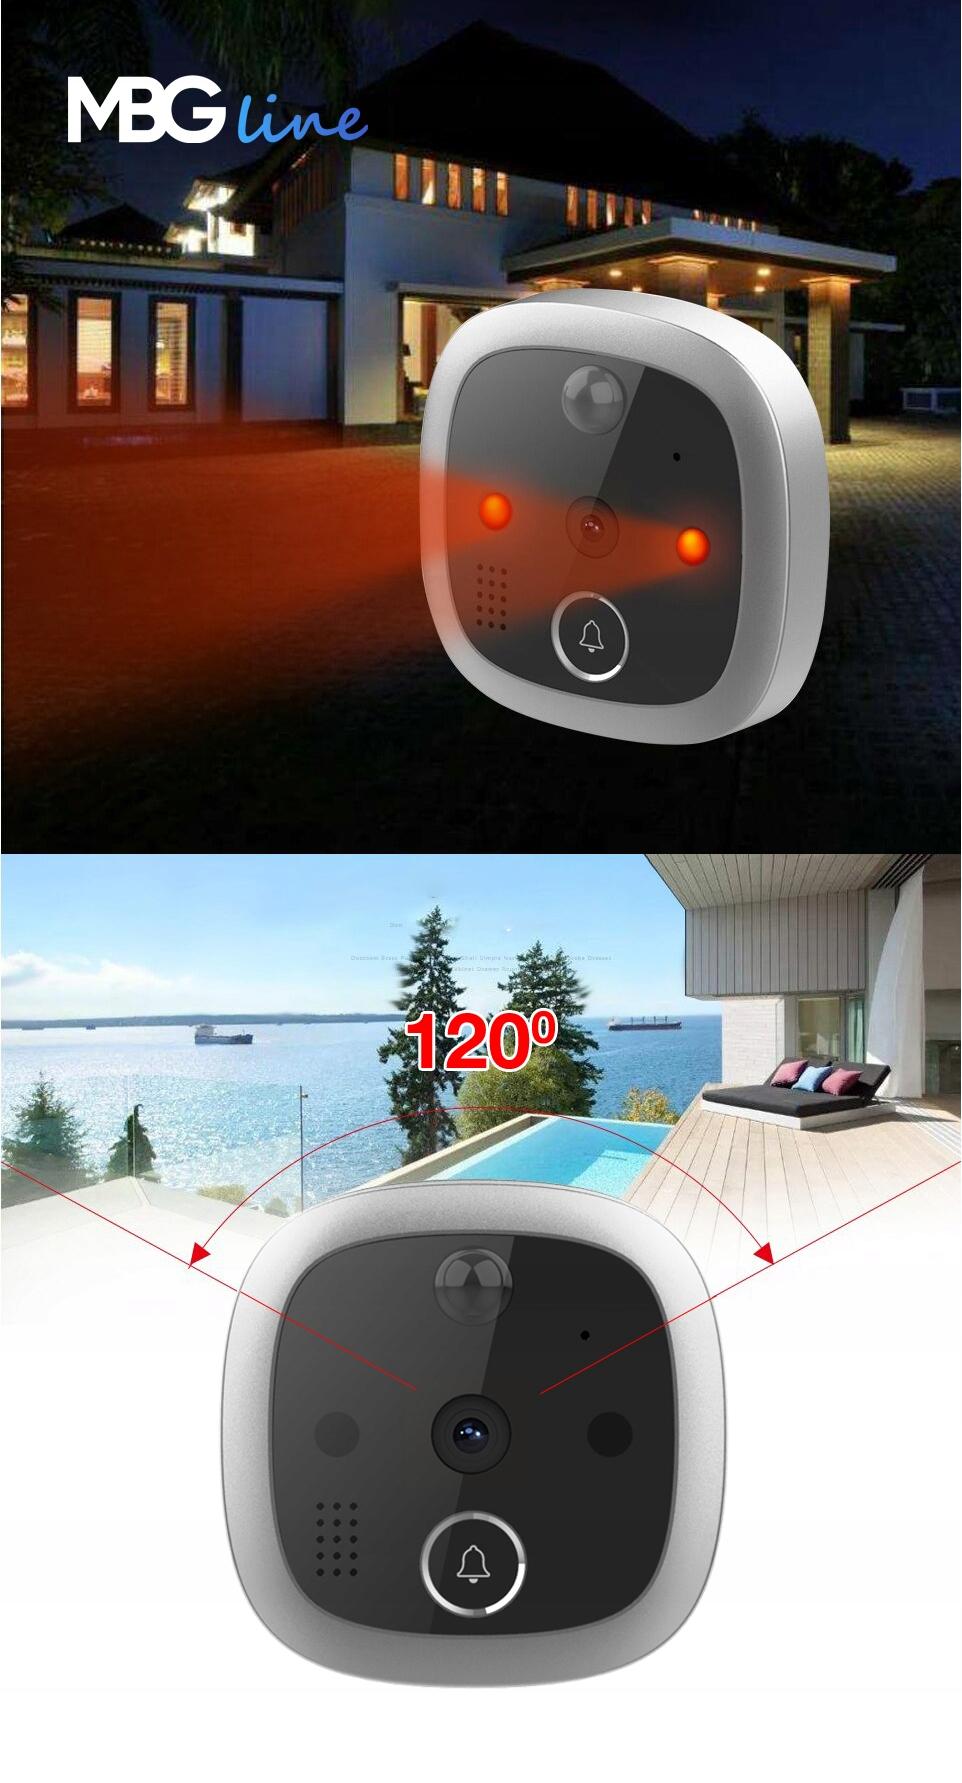 WIZJER LCD ZDJĘCIA DZWONEK JUDASZ CZUJNIK RUCHU HD Kąt widzenia 120°